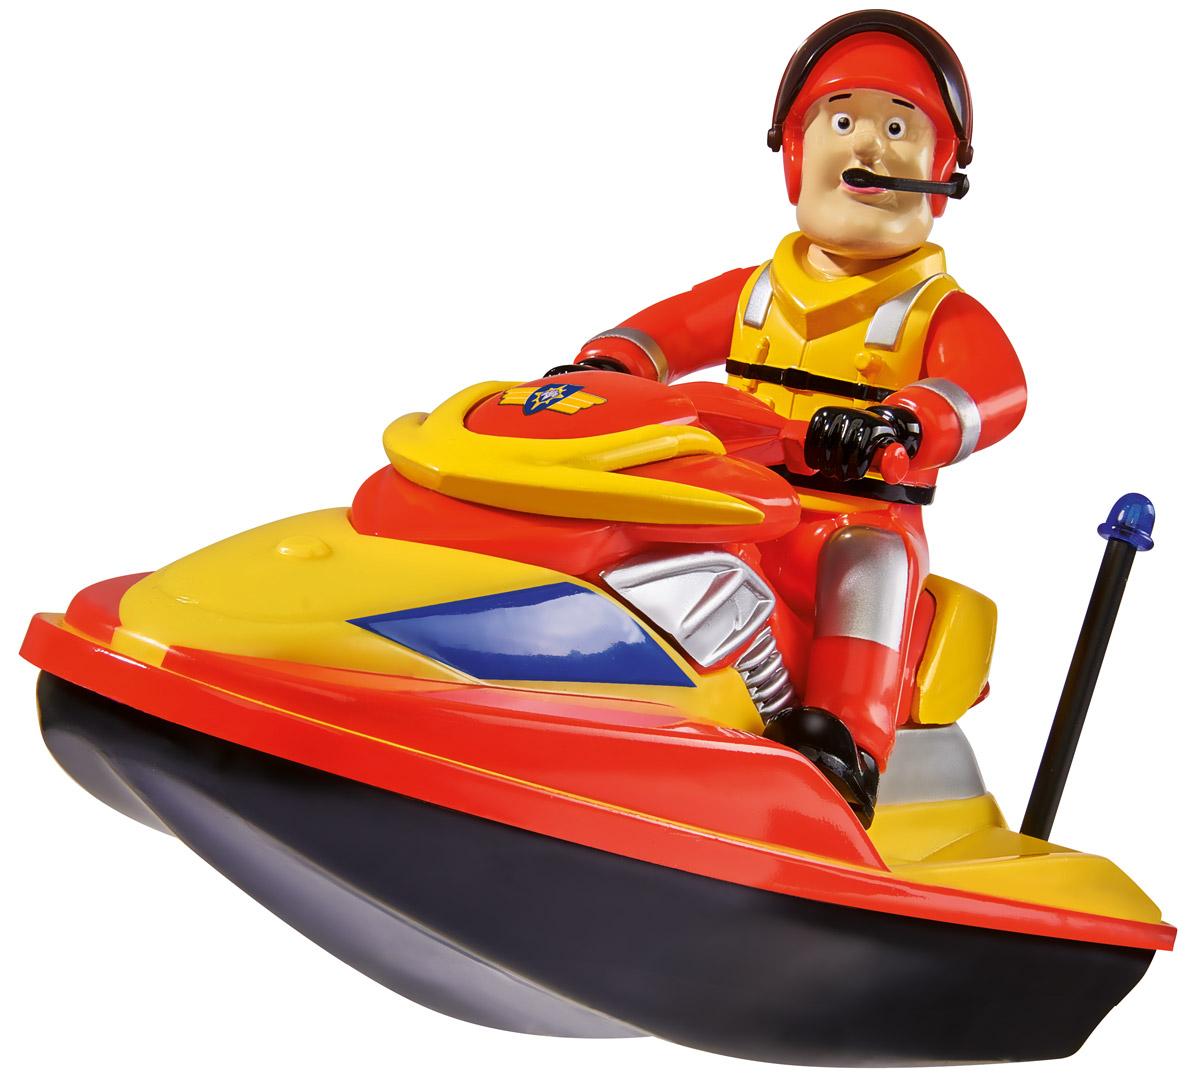 Dickie Toys Водный скутер Juno3099624Водный скутер Dickie Toys Juno, выполненный в ярком цвете, способен двигаться самостоятельно. Для этого надо всего лишь нажать на маленькую кнопочку, которая расположена на корпусе скутера. На водном скутере сидит Сэм - главный персонаж детского мультика Пожарный Сэм. Он одет в специальный костюм с жилетом, на голове у него шлем с микрофоном, с помощью которого Сэм может связаться с воображаемым штабом и скоординироваться с другими игрушечными спасателями. Необходимо купить батарейку напряжением 1,5V типа АА (не входит в комплект).